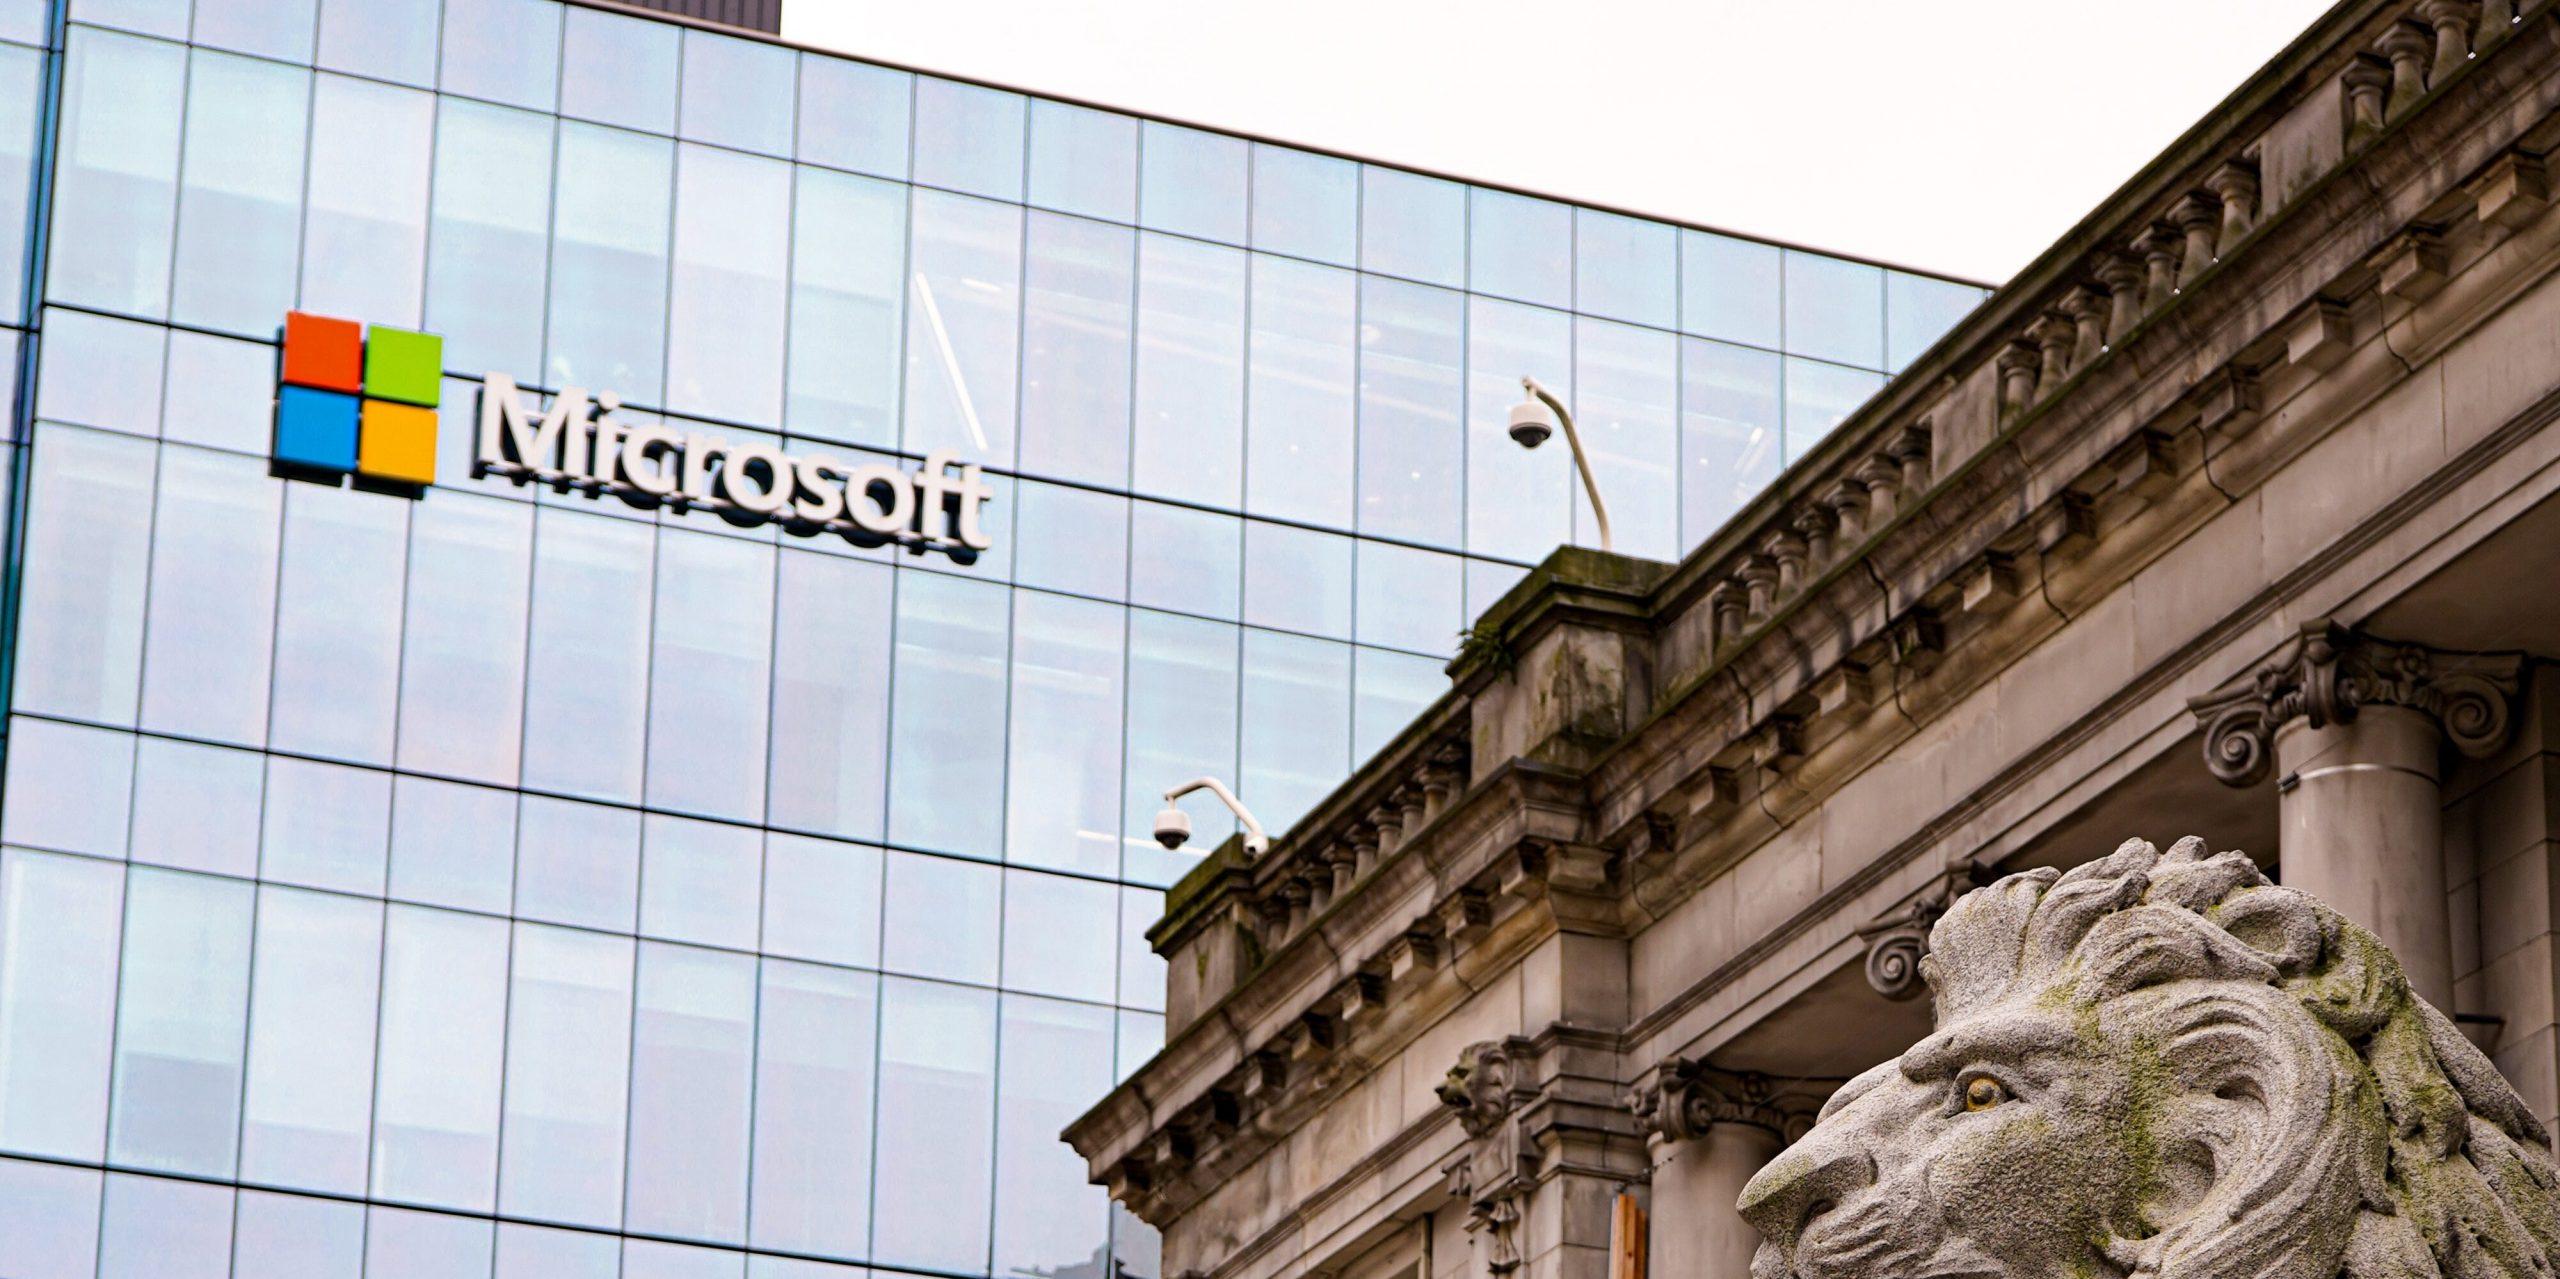 МТС и Microsoft заключили сотрудничество по развитию сферы интернета вещей в России